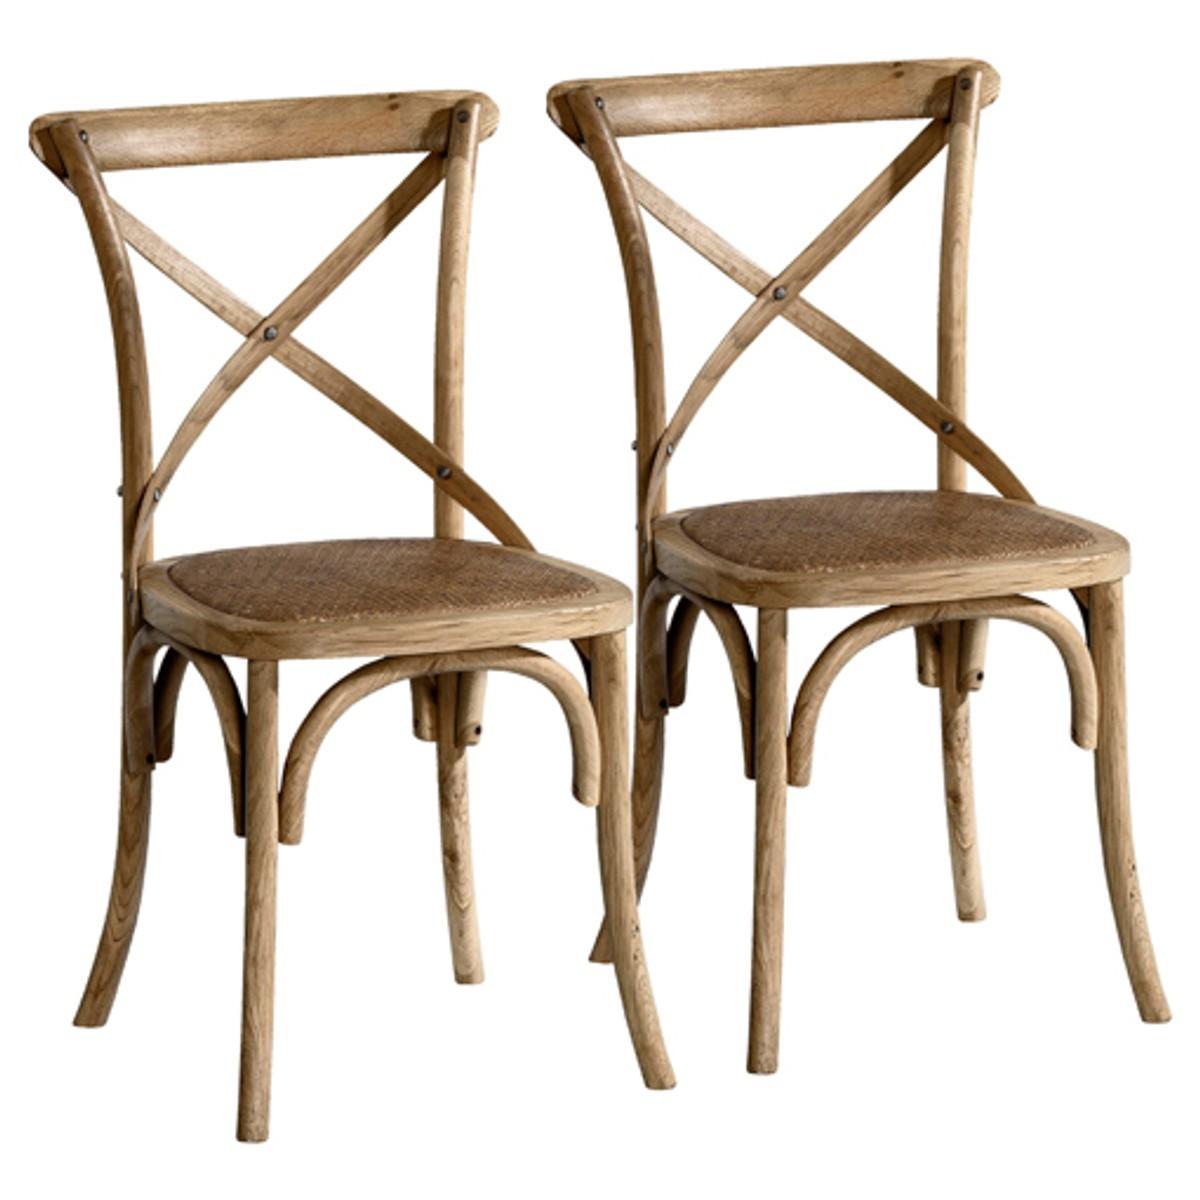 6ks stoliciek objednanych :-) - uz len stol k nim vybrat, len cakam na vzorky farieb... uz sa tesim :-)